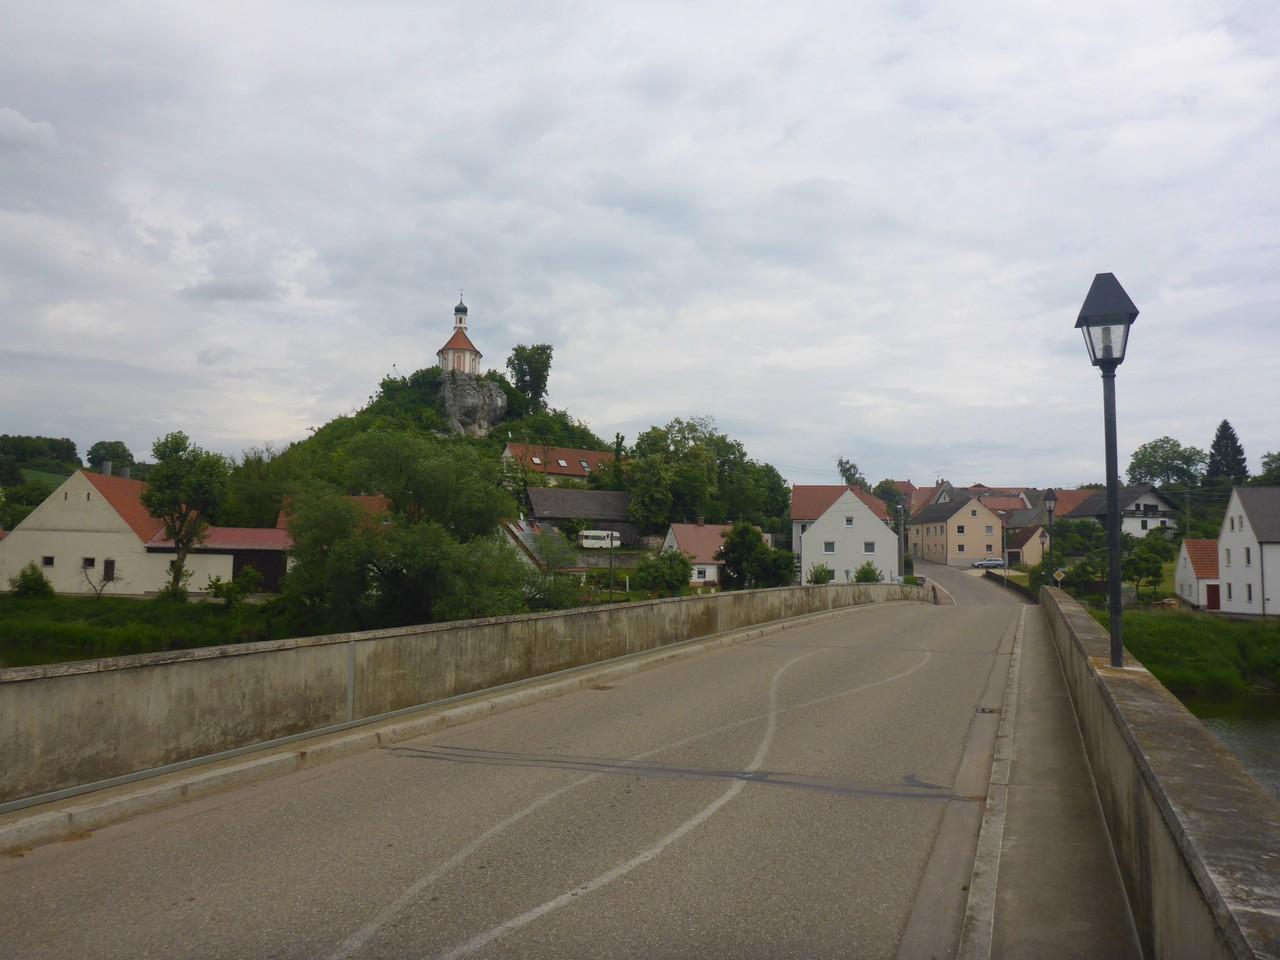 Wörnitzstein